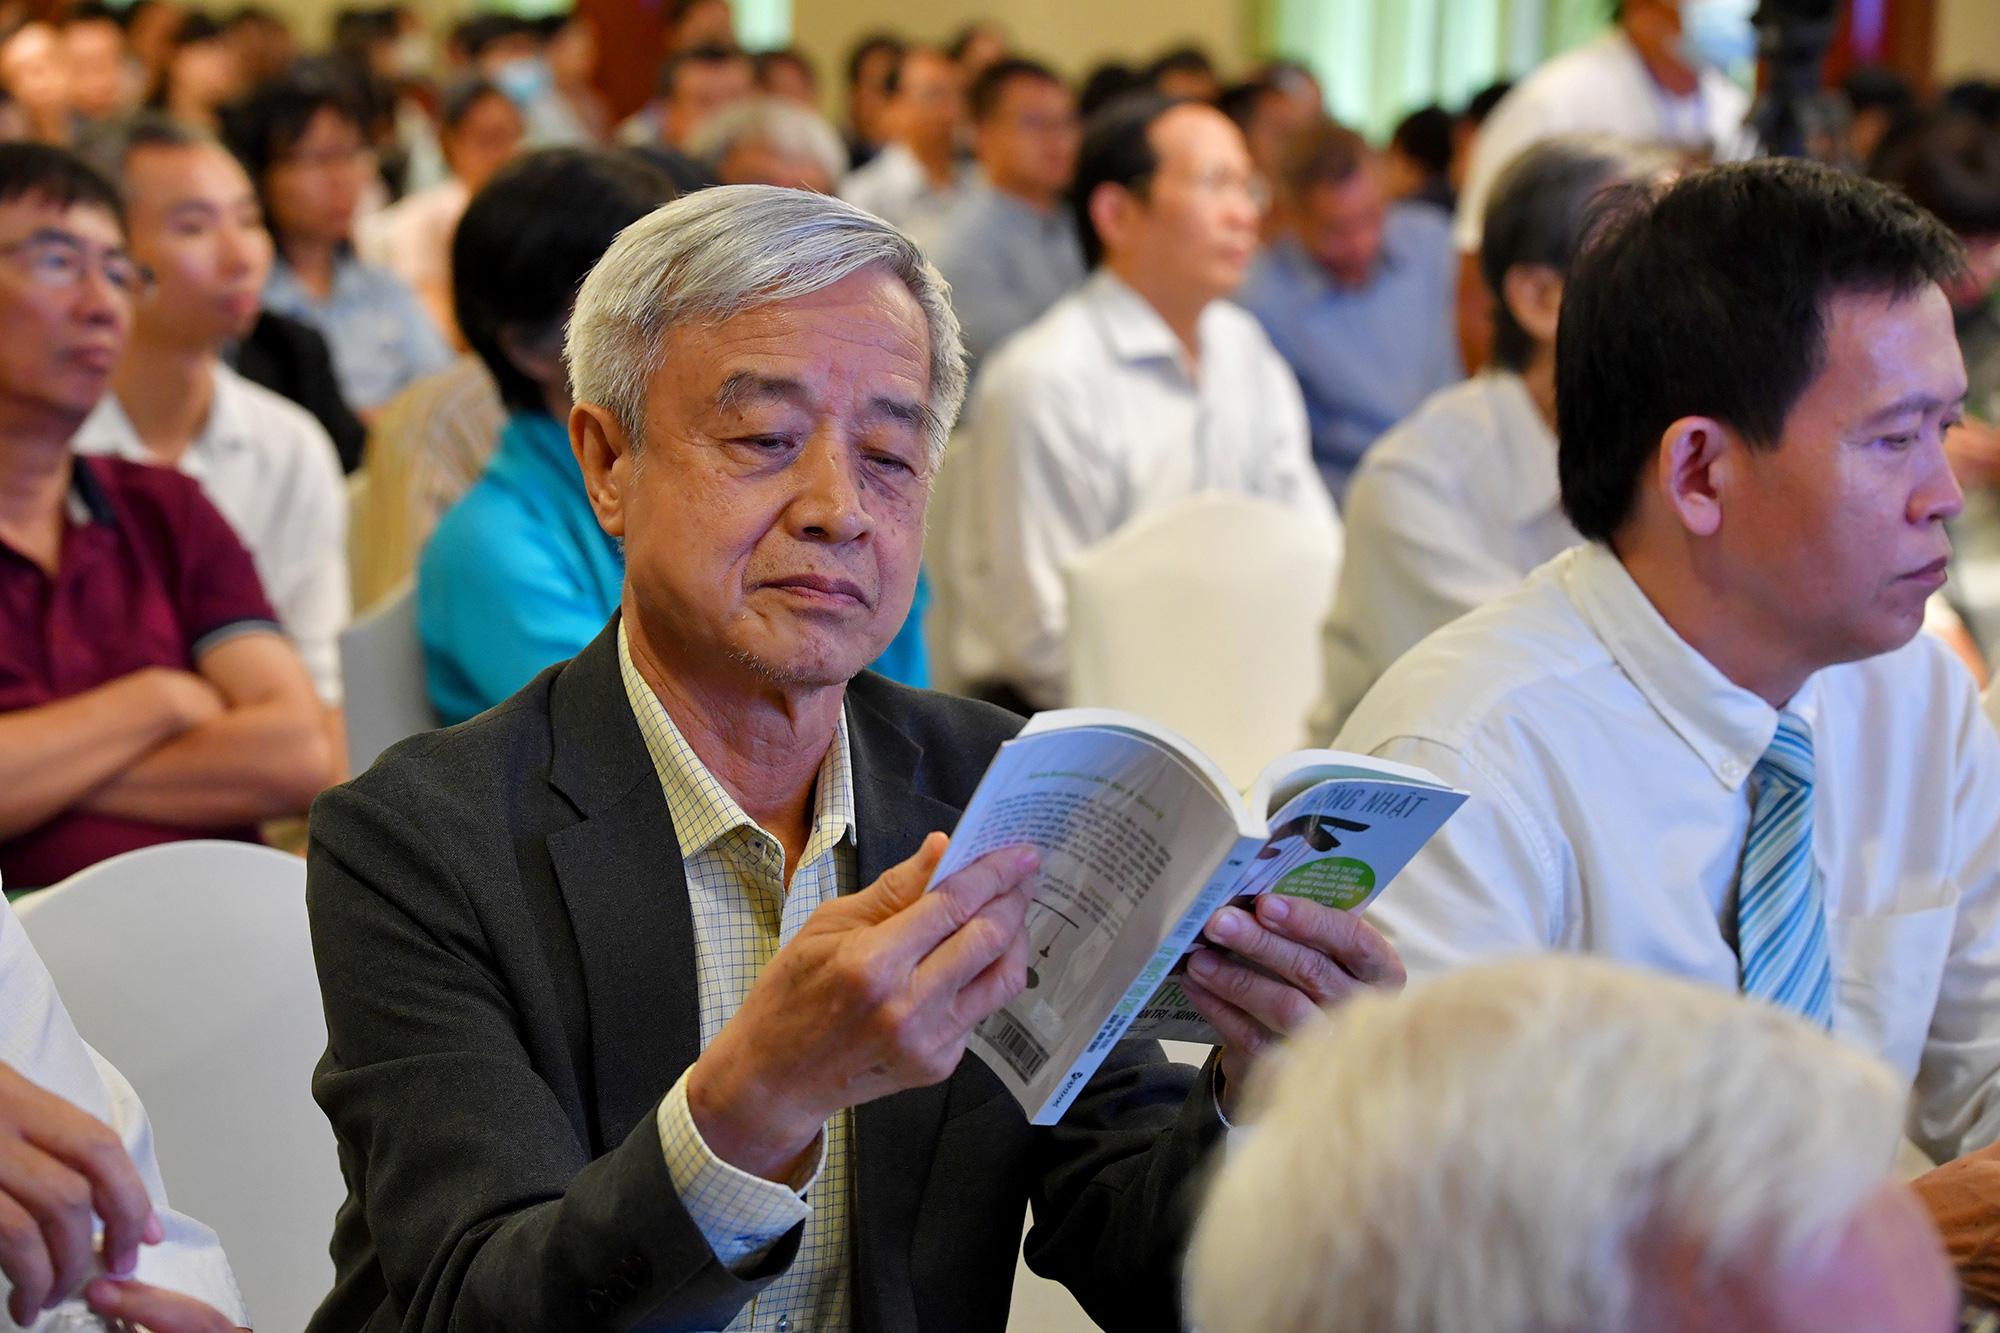 Nhà văn Trần Thùy Mai nhận giải Sách hay 2020 với bộ sách Từ Dụ Thái Hậu  - Ảnh 2.